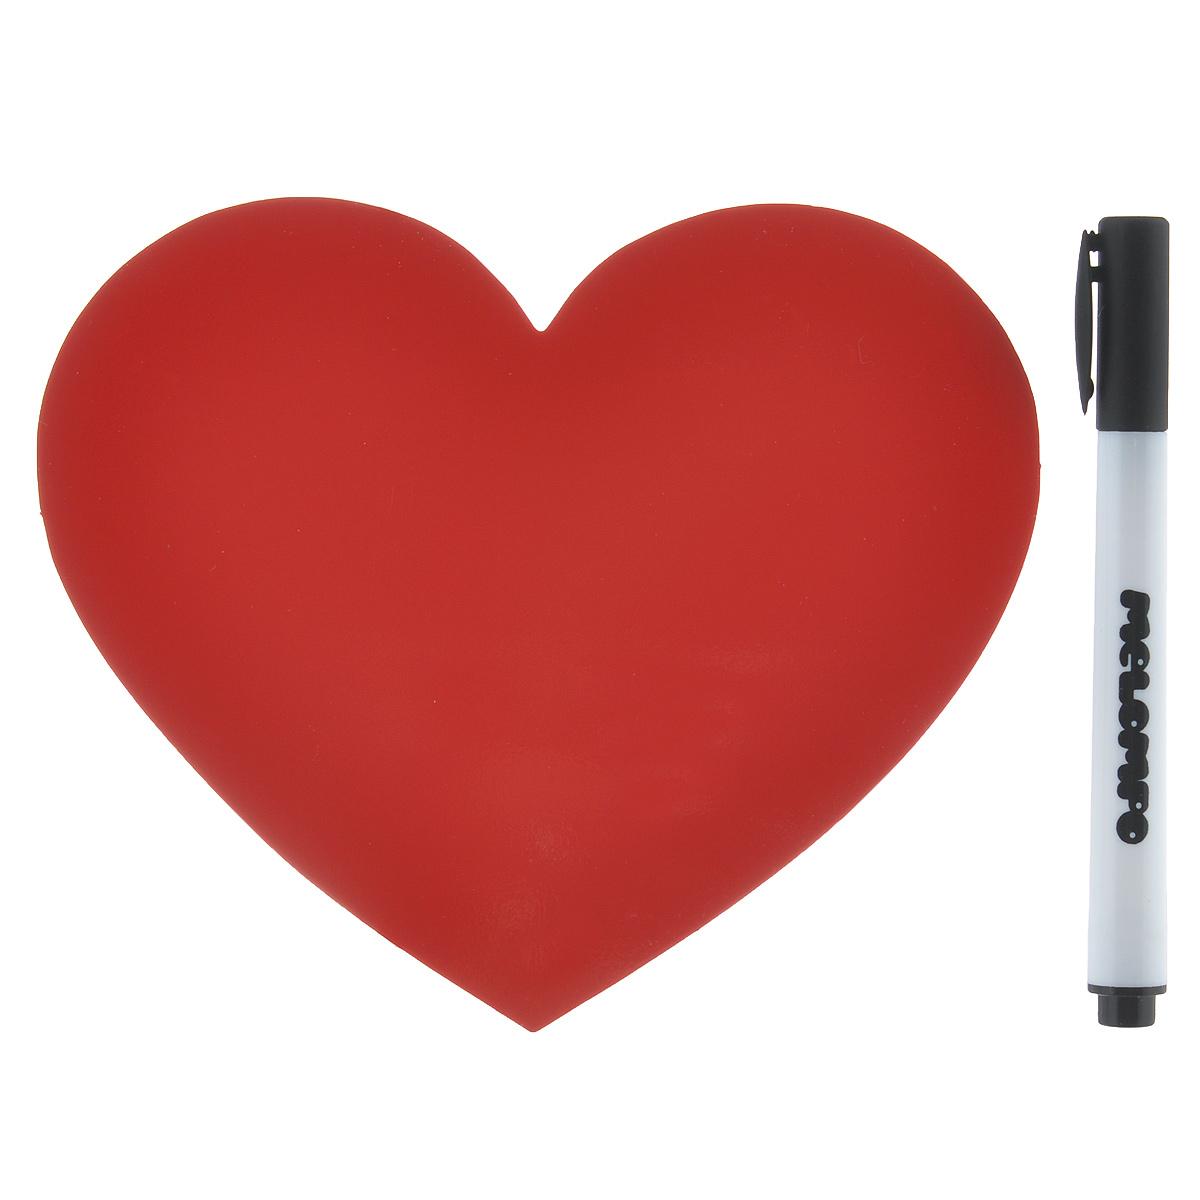 Памятка маркерная Melompo Сердце, 12 х 10 смQL10124-WH-WH-BUМагнитная доска на холодильник Melompo Сердце - оригинальная вещь для ежедневных посланий родным и близким. Доска выполнена в виде сердца. В комплект входят: Памятка - легко примагничивается и просто снимается. Маркер - прекрасно пишет и также хорошо стирается. Держатель - позволит примагнитить памятку к неметаллической поверхности.